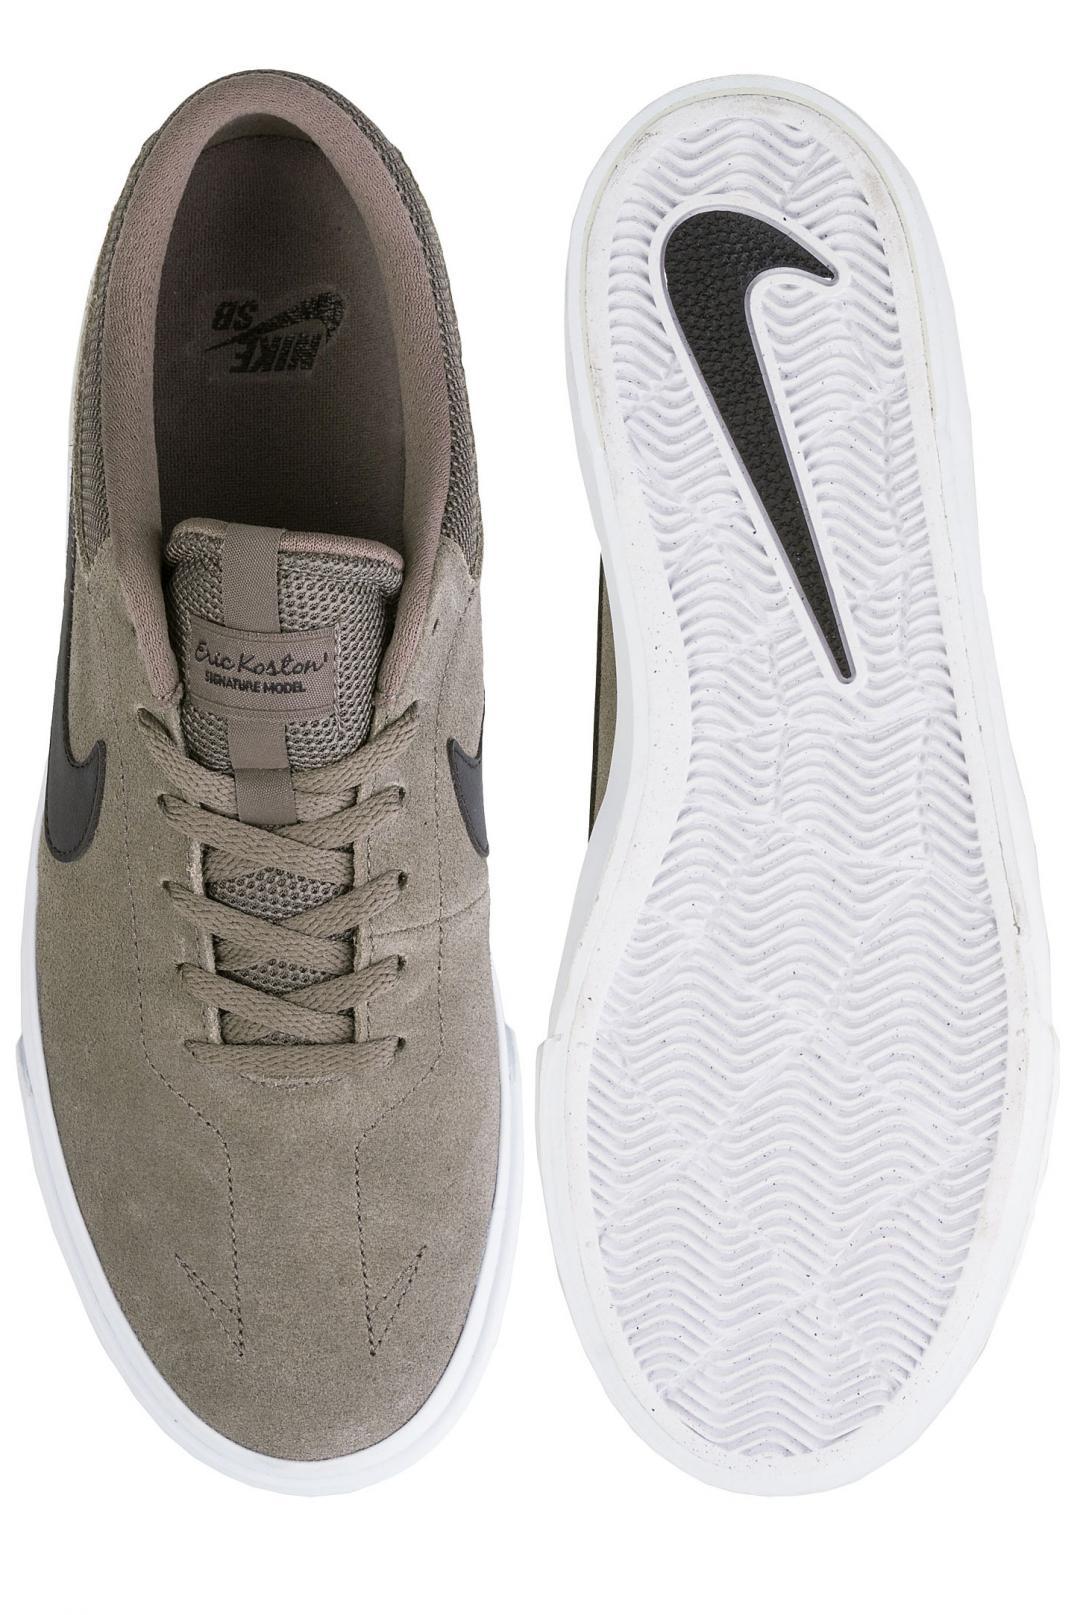 Uomo Nike SB Koston Hypervulc ridgerock black | Sneaker